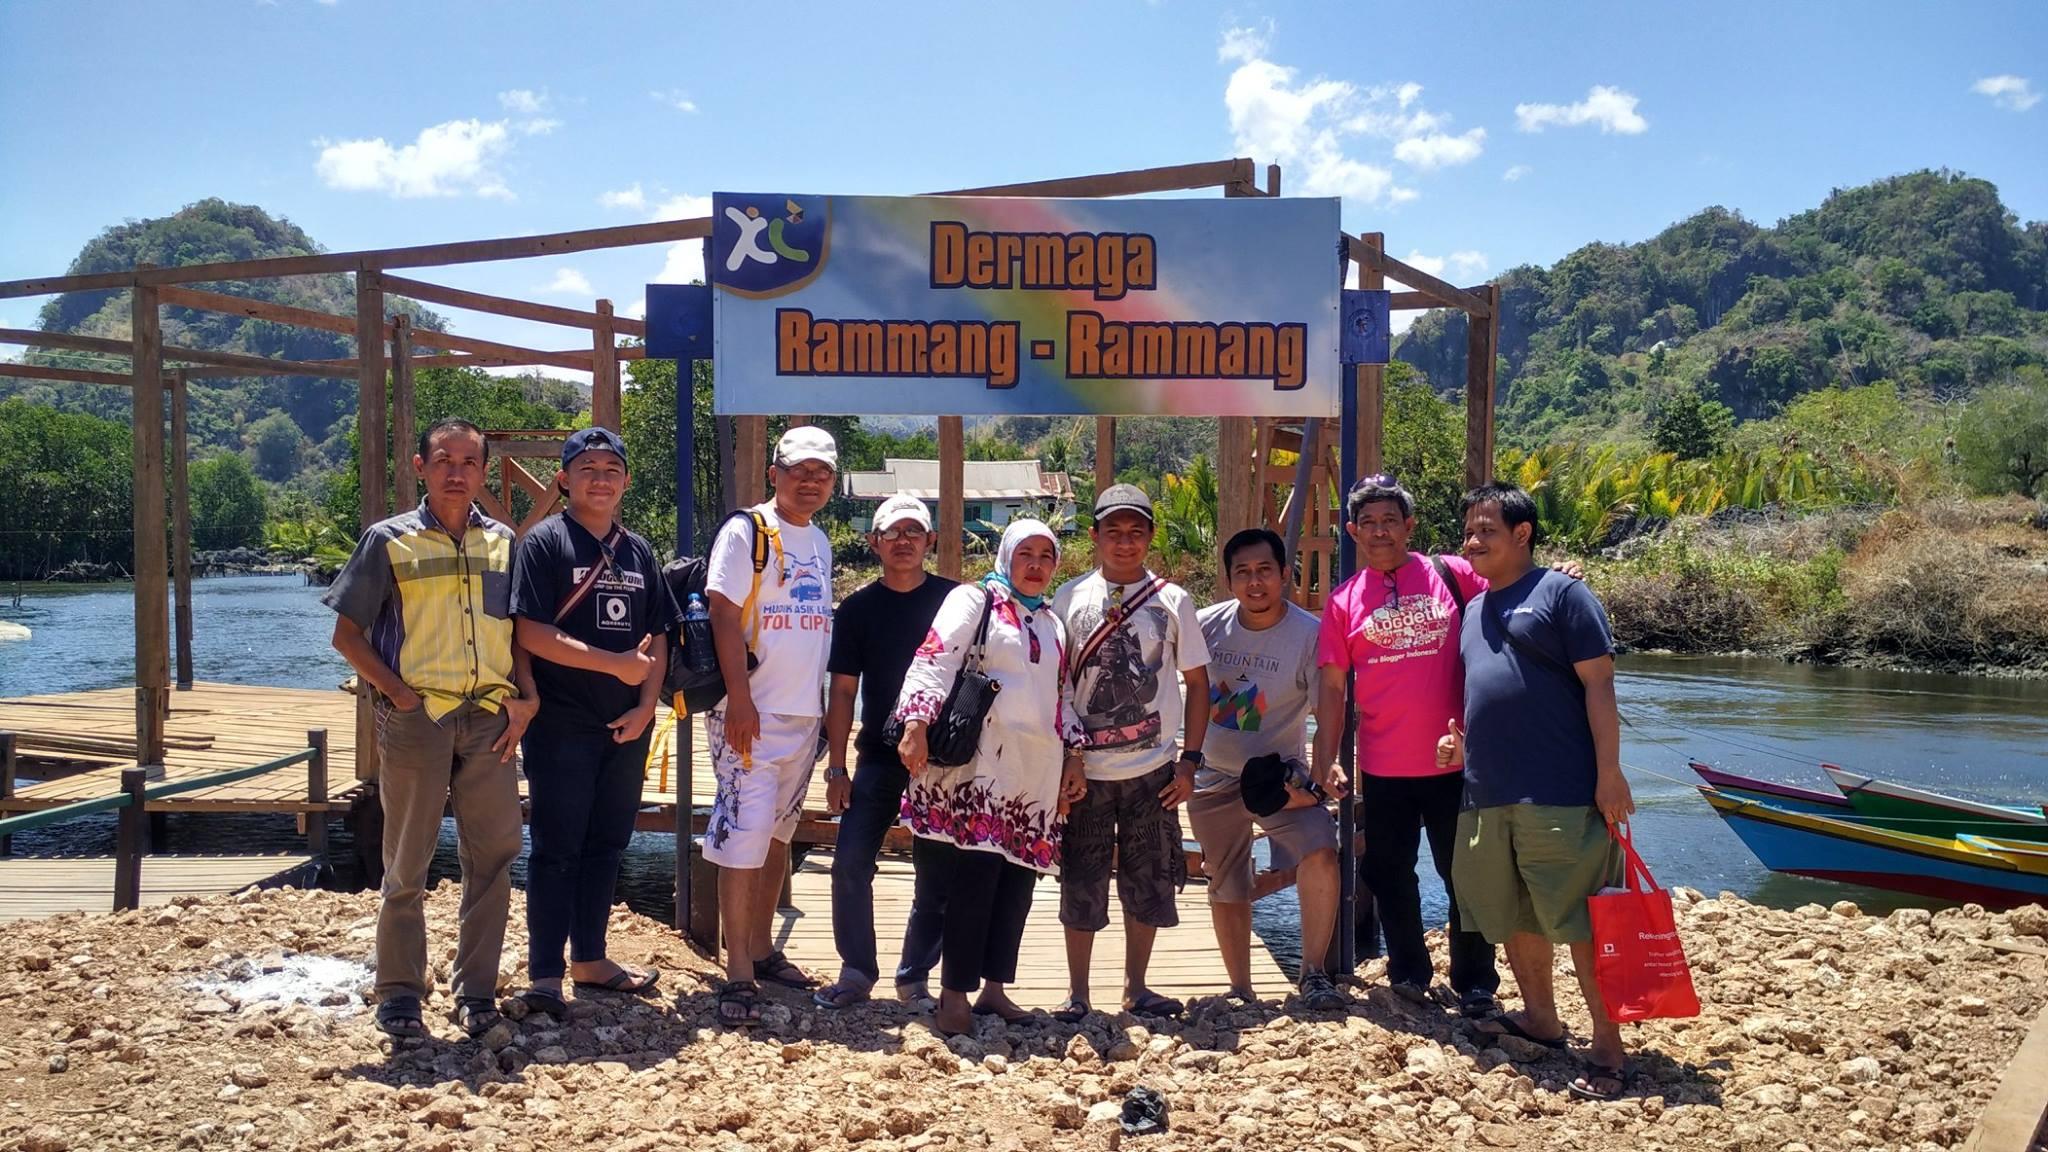 XL menjangkau sampai ke obyek wisata Rammang-rammang, satu dusun di Kabupaten Maros, Sulawesi Selatan yang dibadikan di gerbang masuk obyek wisata yang masih perawan ini (foto: Nur Terbit)